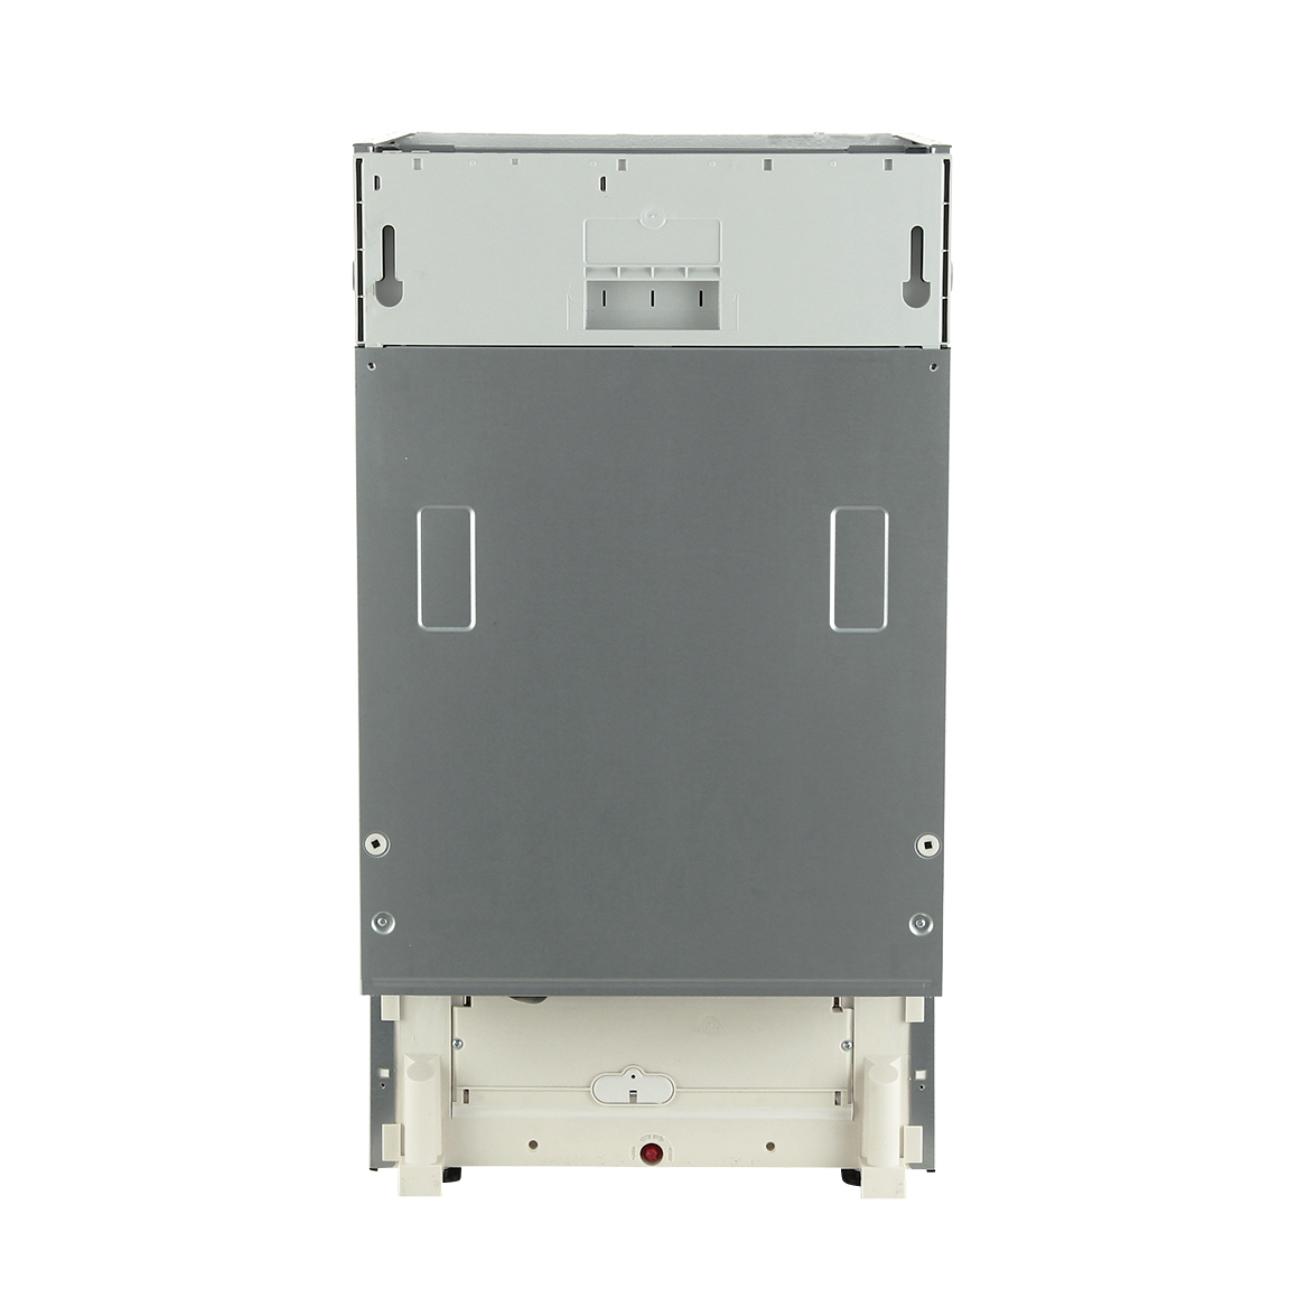 Посудомойка Hotpoint-Ariston LSTB 4B00 перед установкой